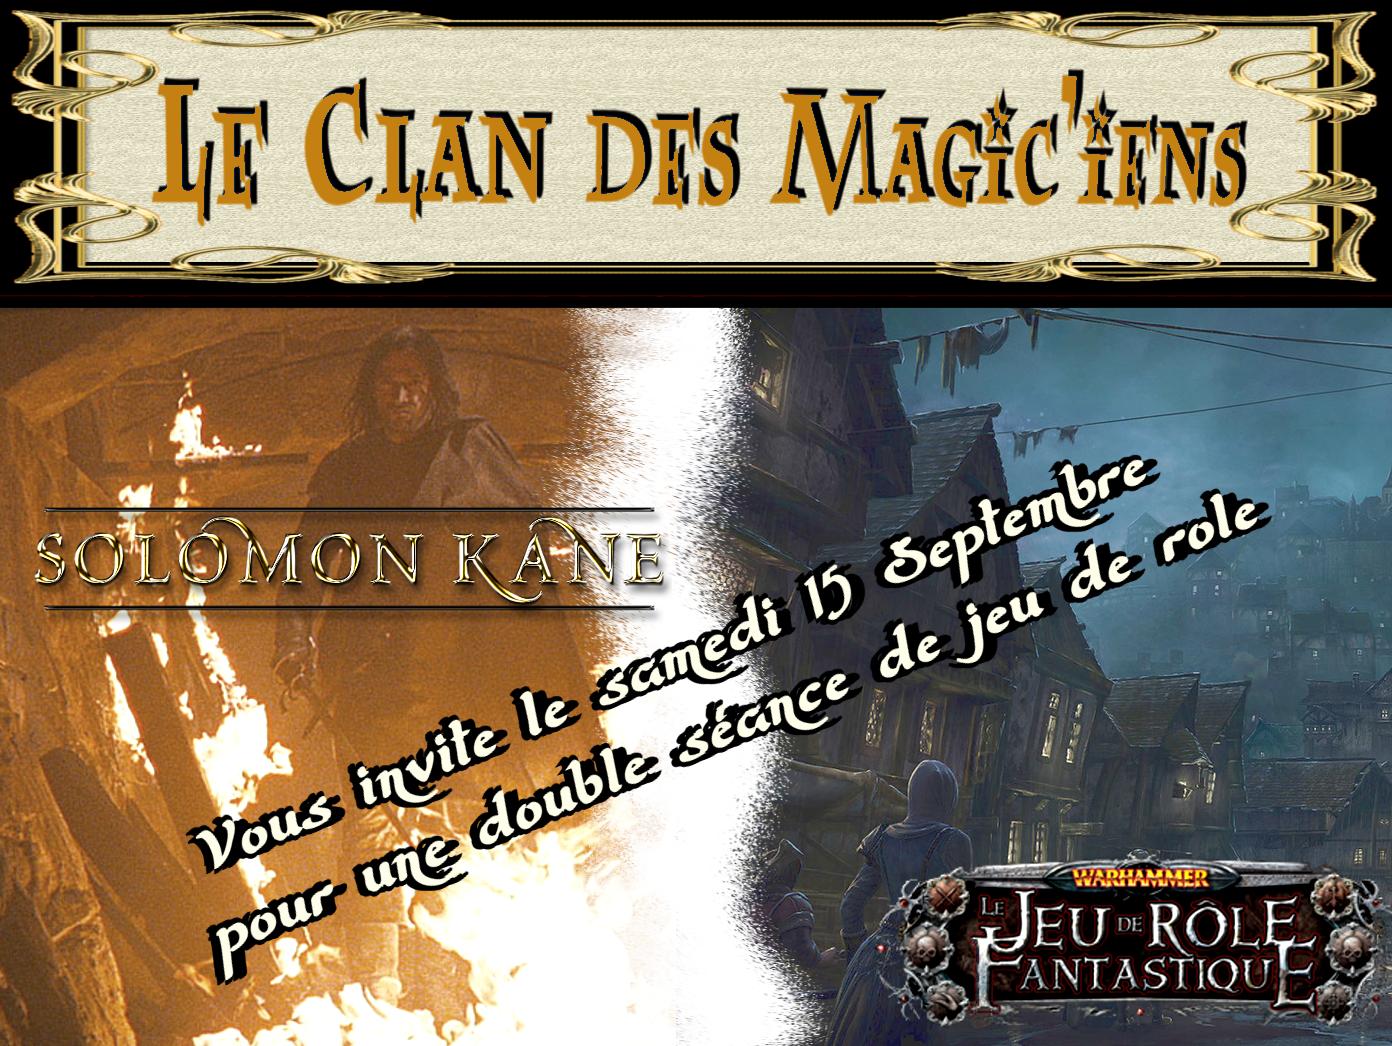 Samedi 15 Septembre : Double séance de Jeu de Rôle : Solomon Kane et Warhammer QZv7e